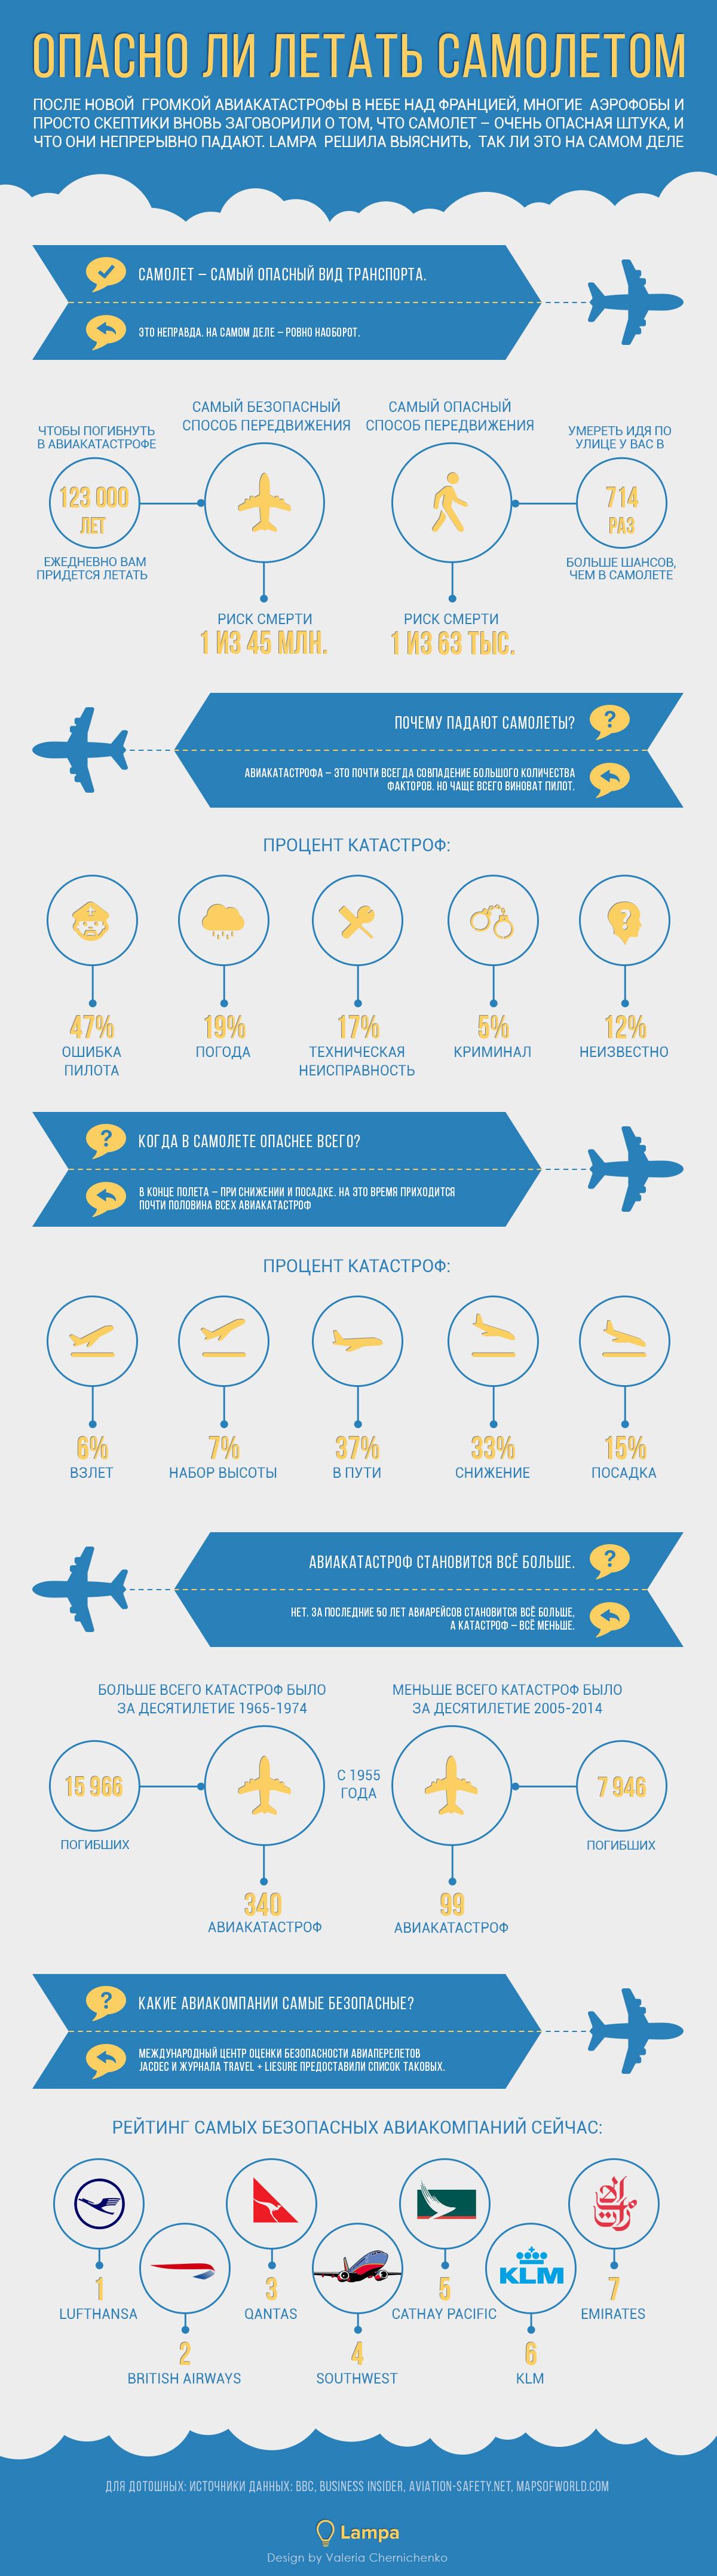 Визуализация: Опасно ли летать самолетом